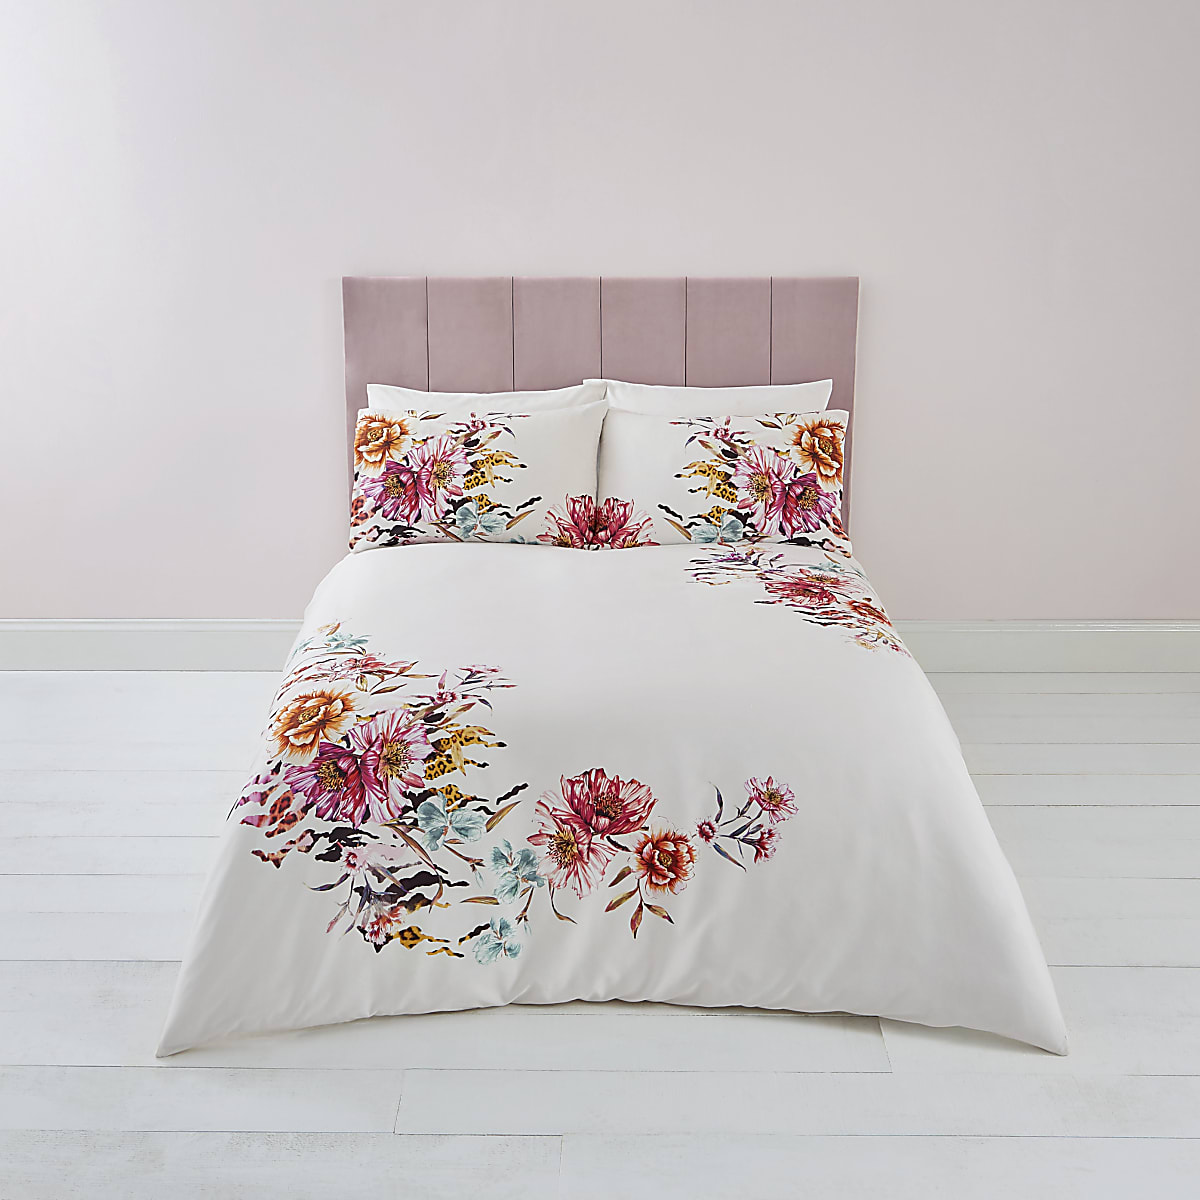 Bettwäsche Mit Blumenprint Bettwäschesets Bettwäsche